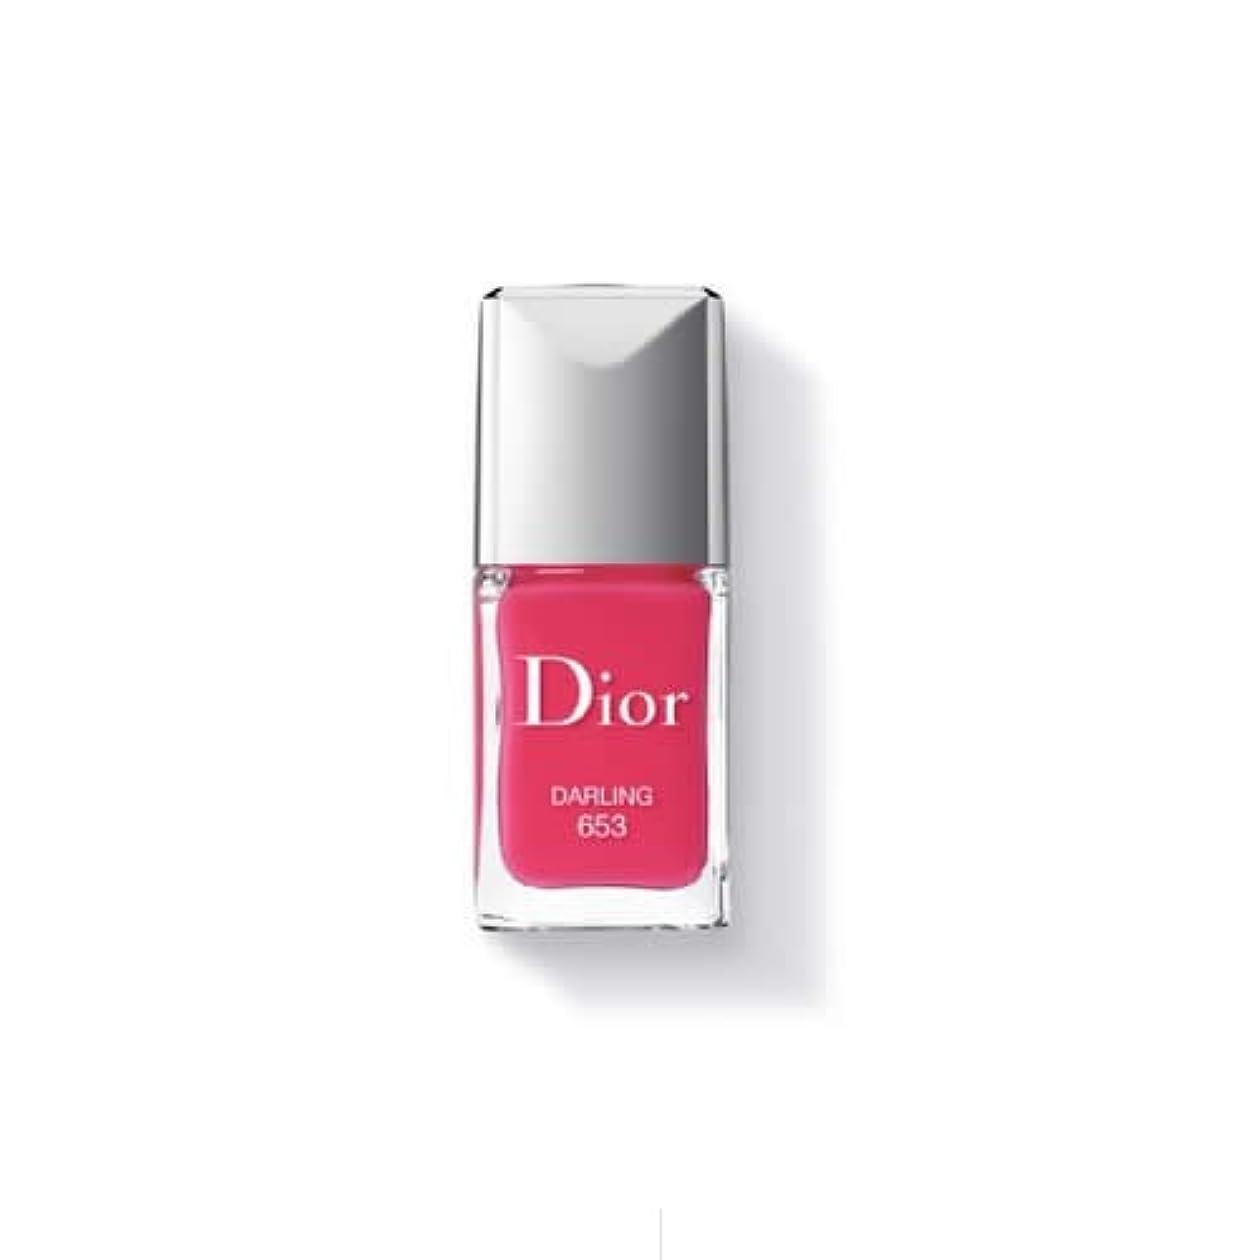 故意にアームストロング拍車ディオール ヴェルニ #653 ダーリン 10ml クリスチャン ディオール Christian Dior 訳あり